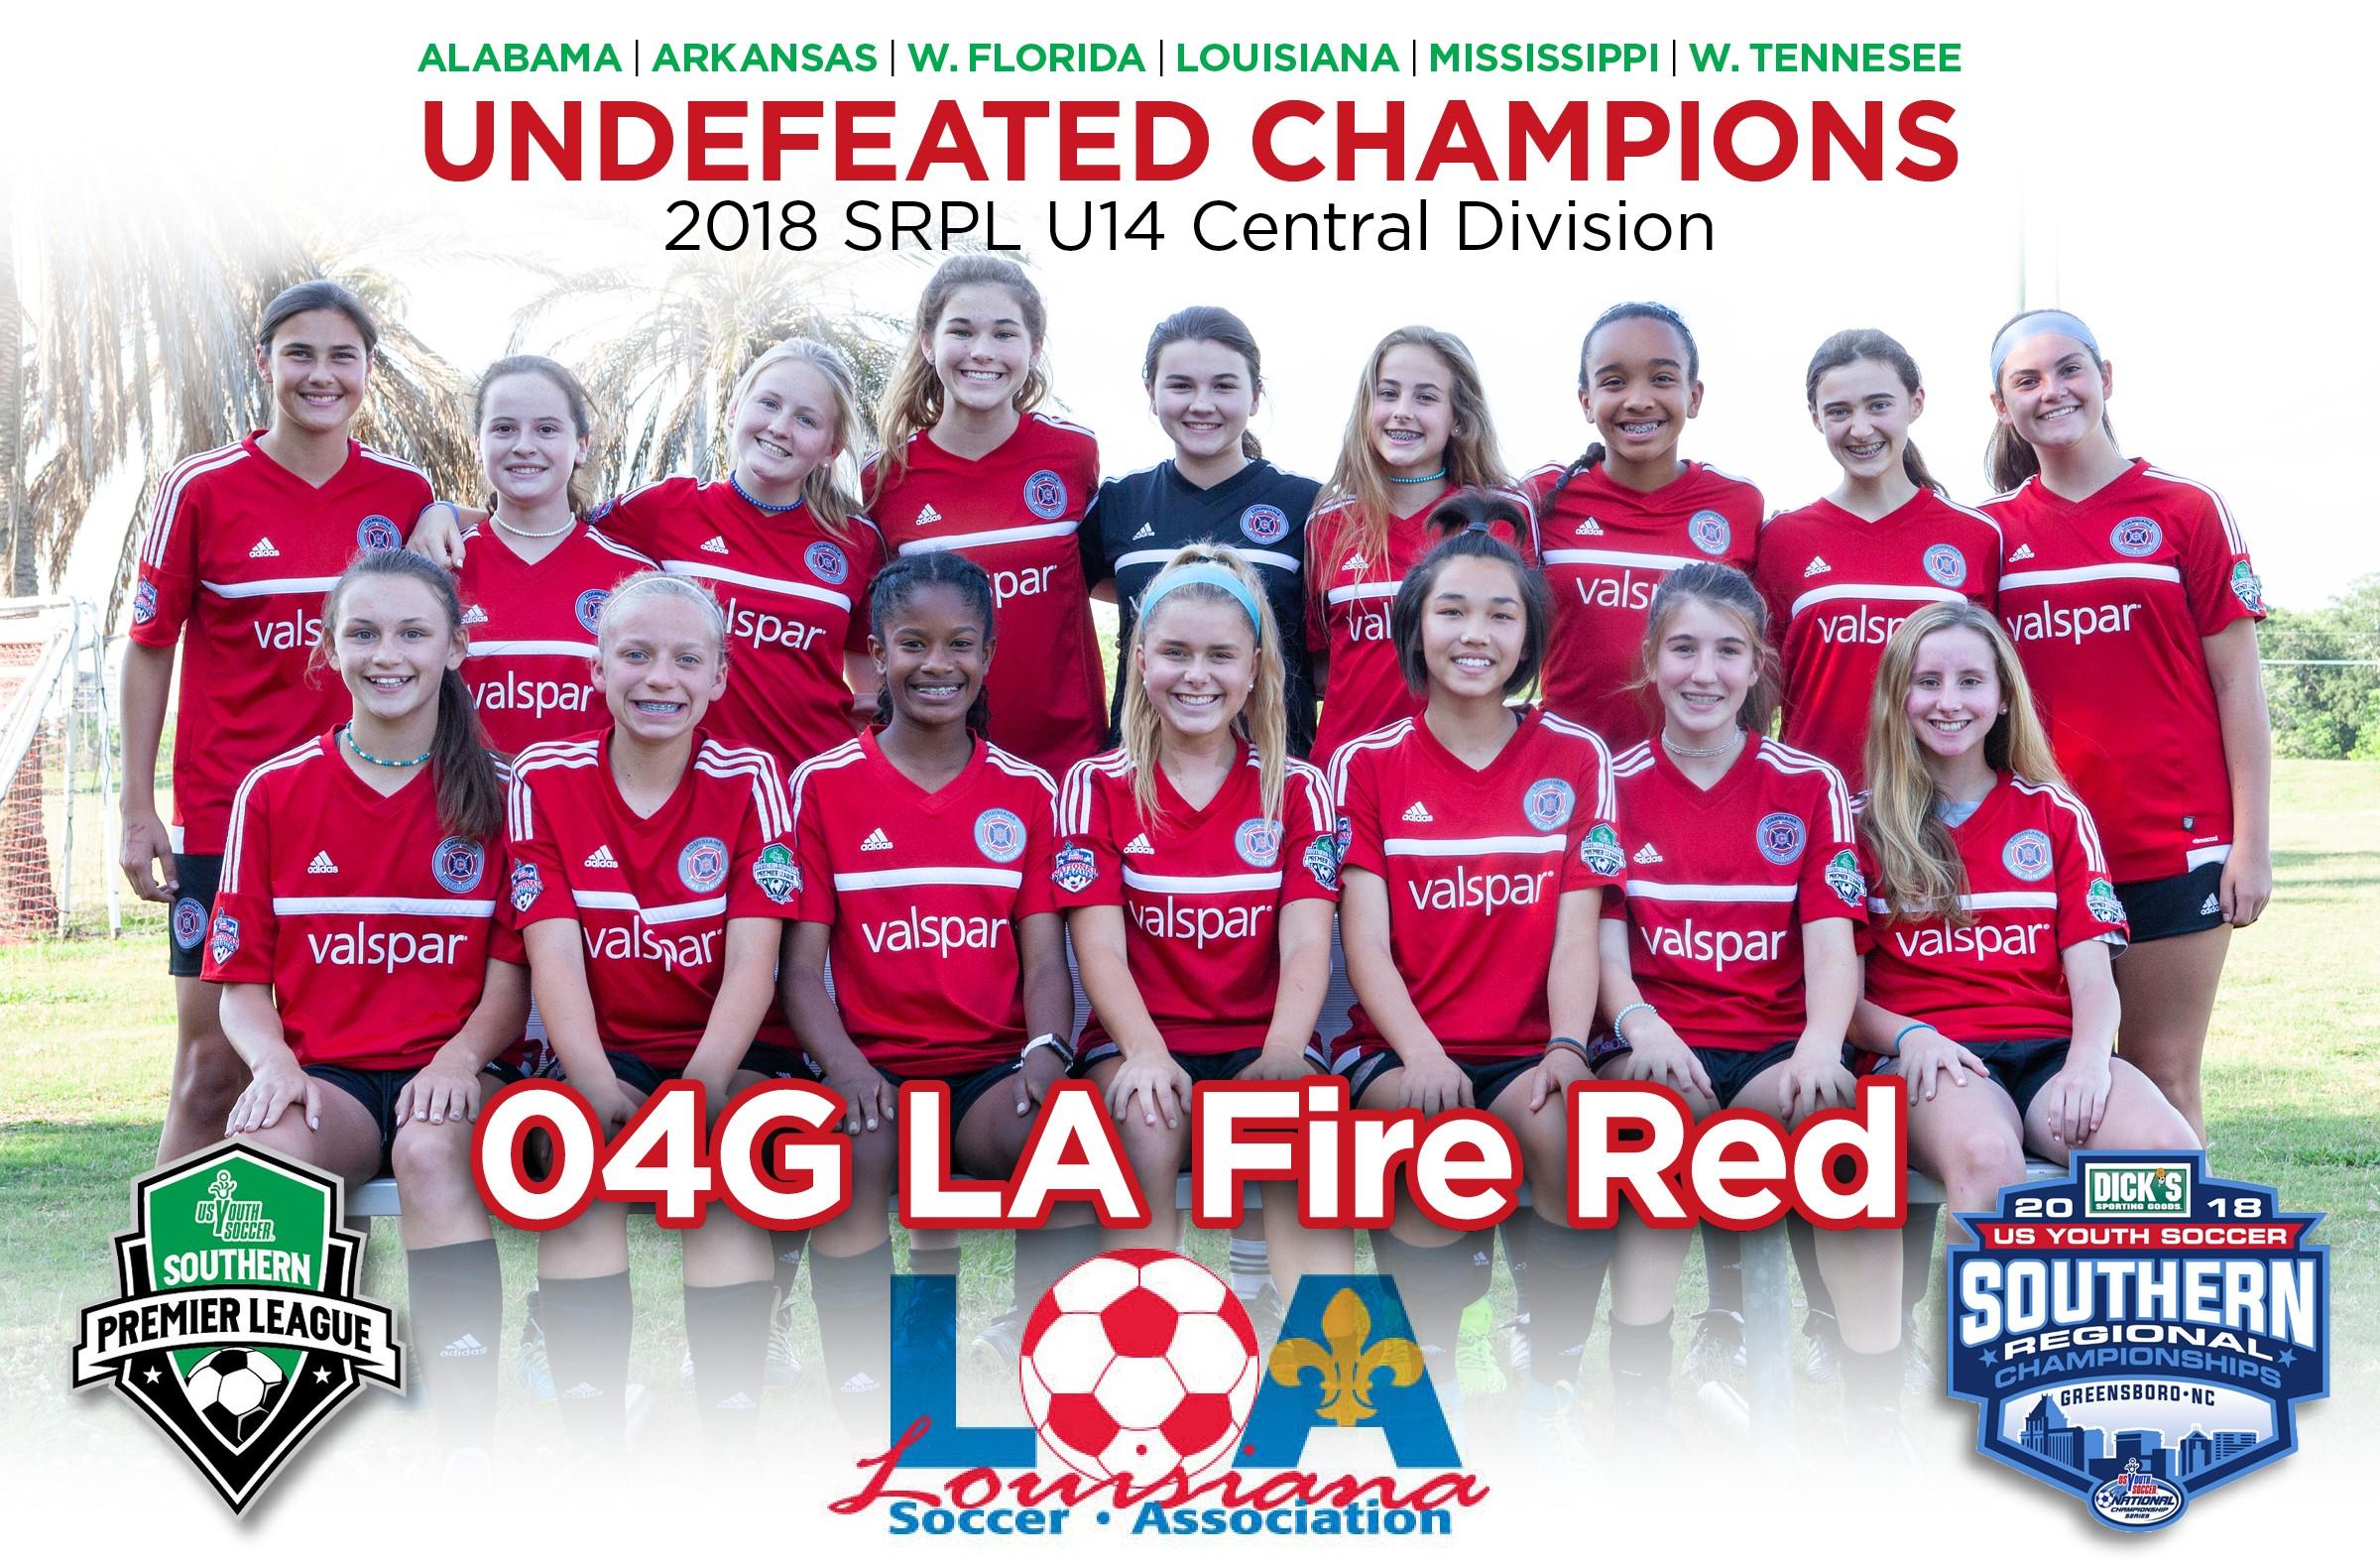 LA Fire Jrs Red